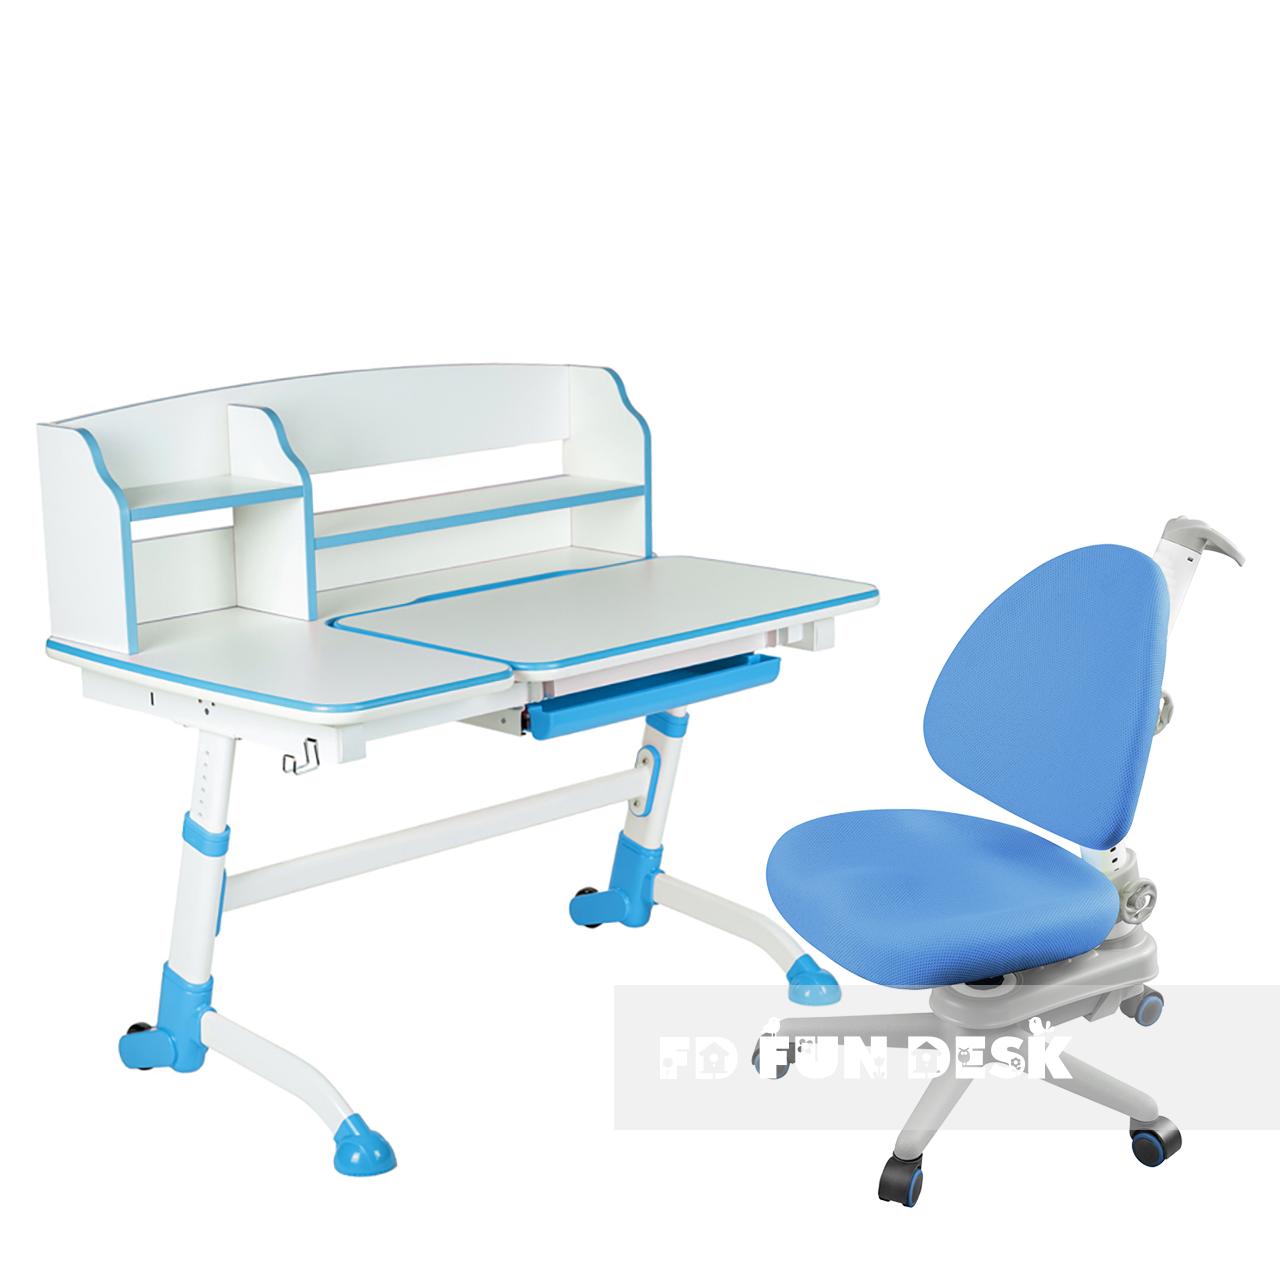 Комплект подростковая парта для школы Amare II Blue + ортопедическое кресло SST10 Blue FunDesk